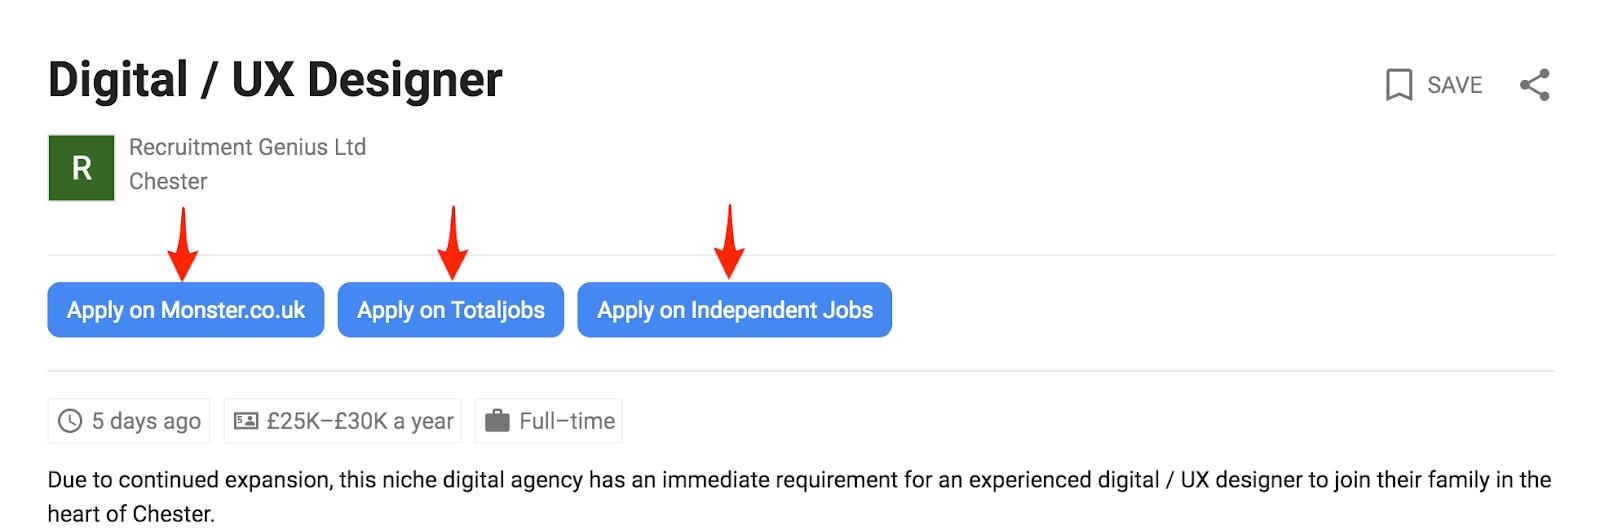 multiple job listings in google for jobs